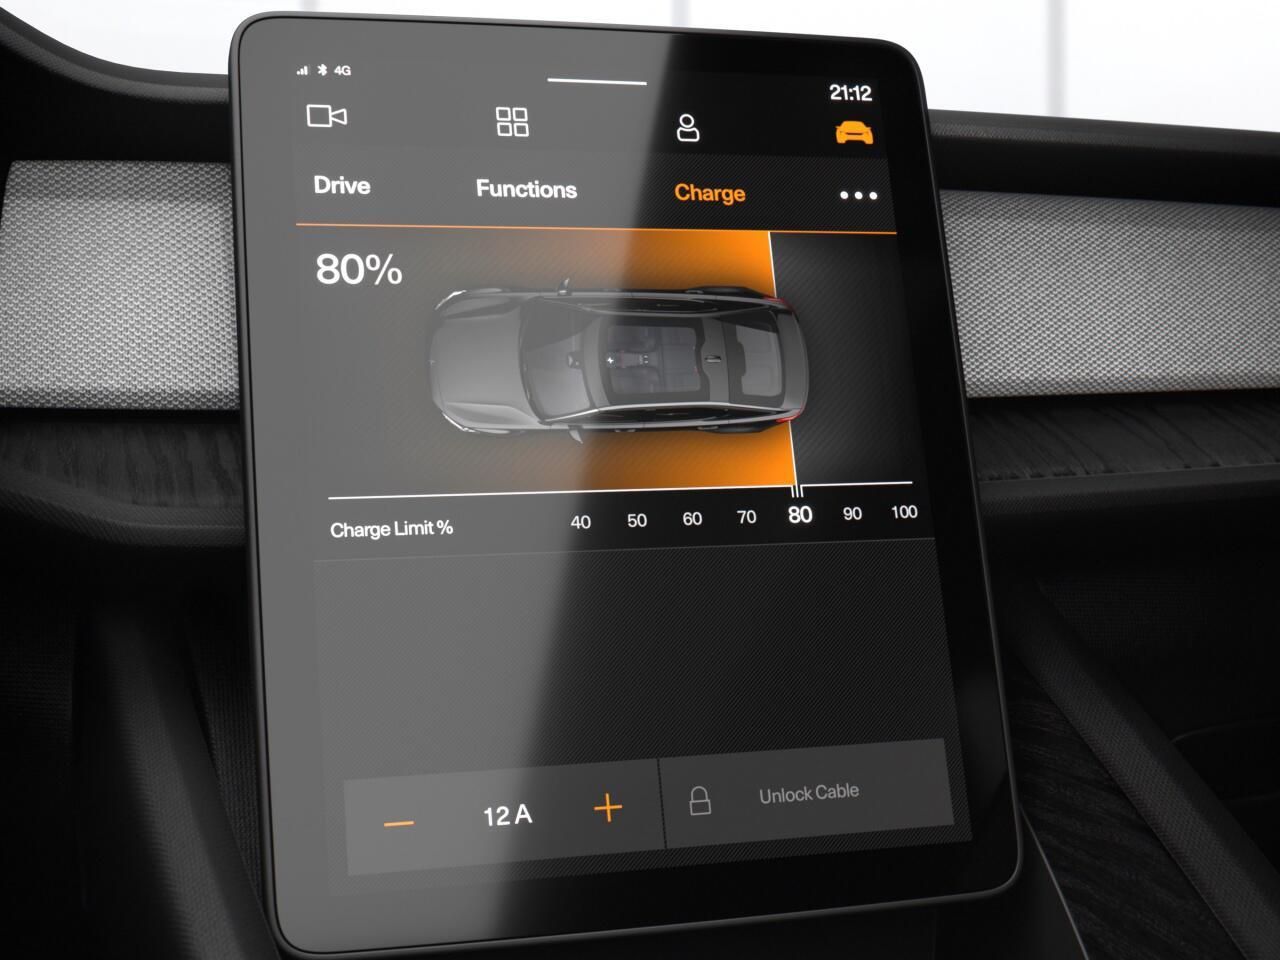 Bild zu Grosser Touchscreen als zentrale Informationseinheit